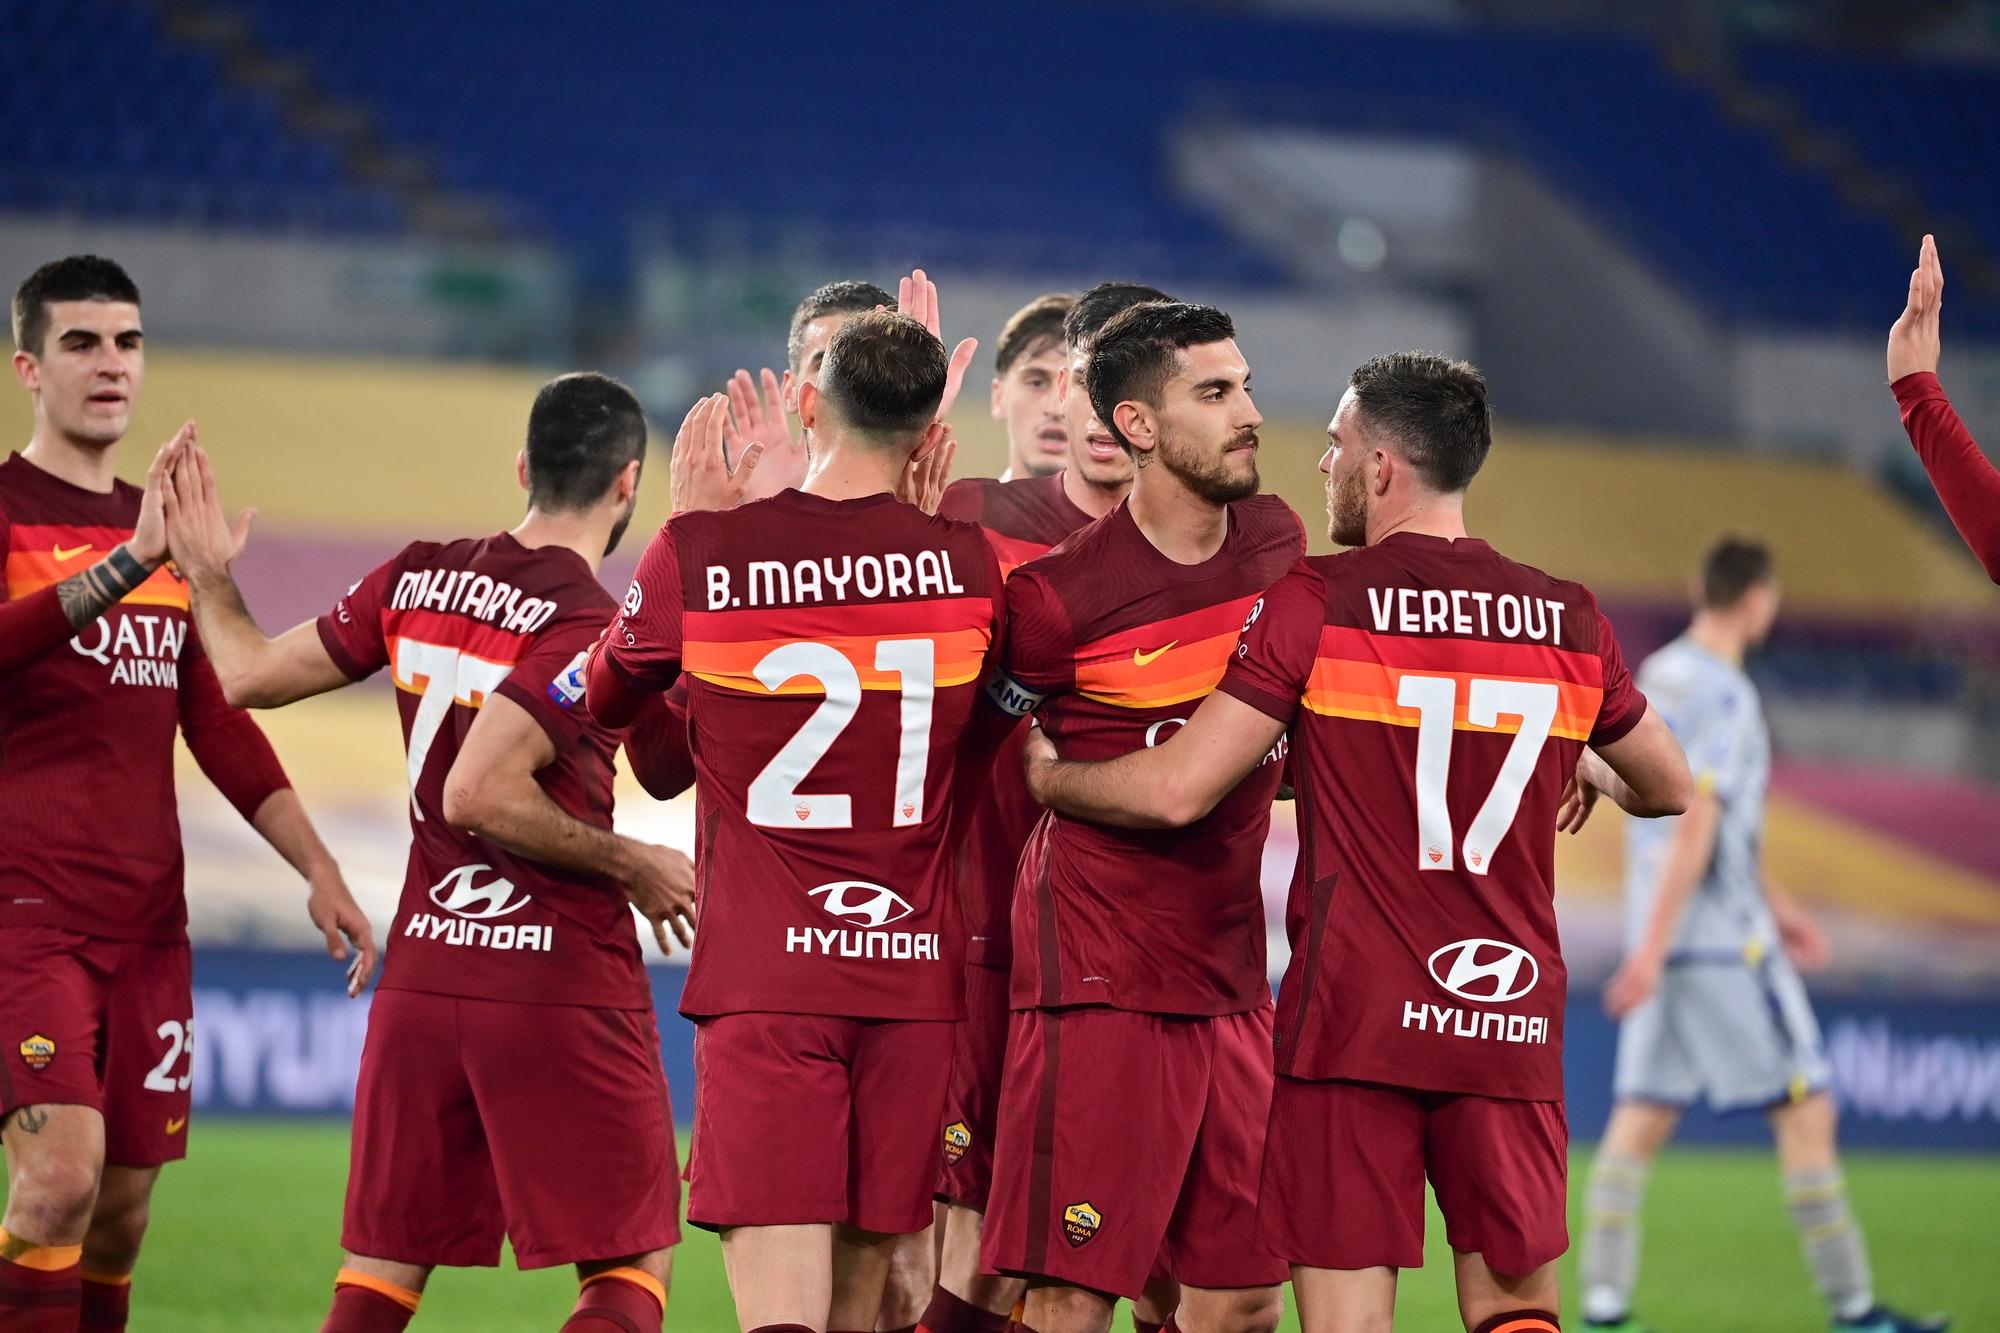 La Roma vince e convince: tris show al Verona